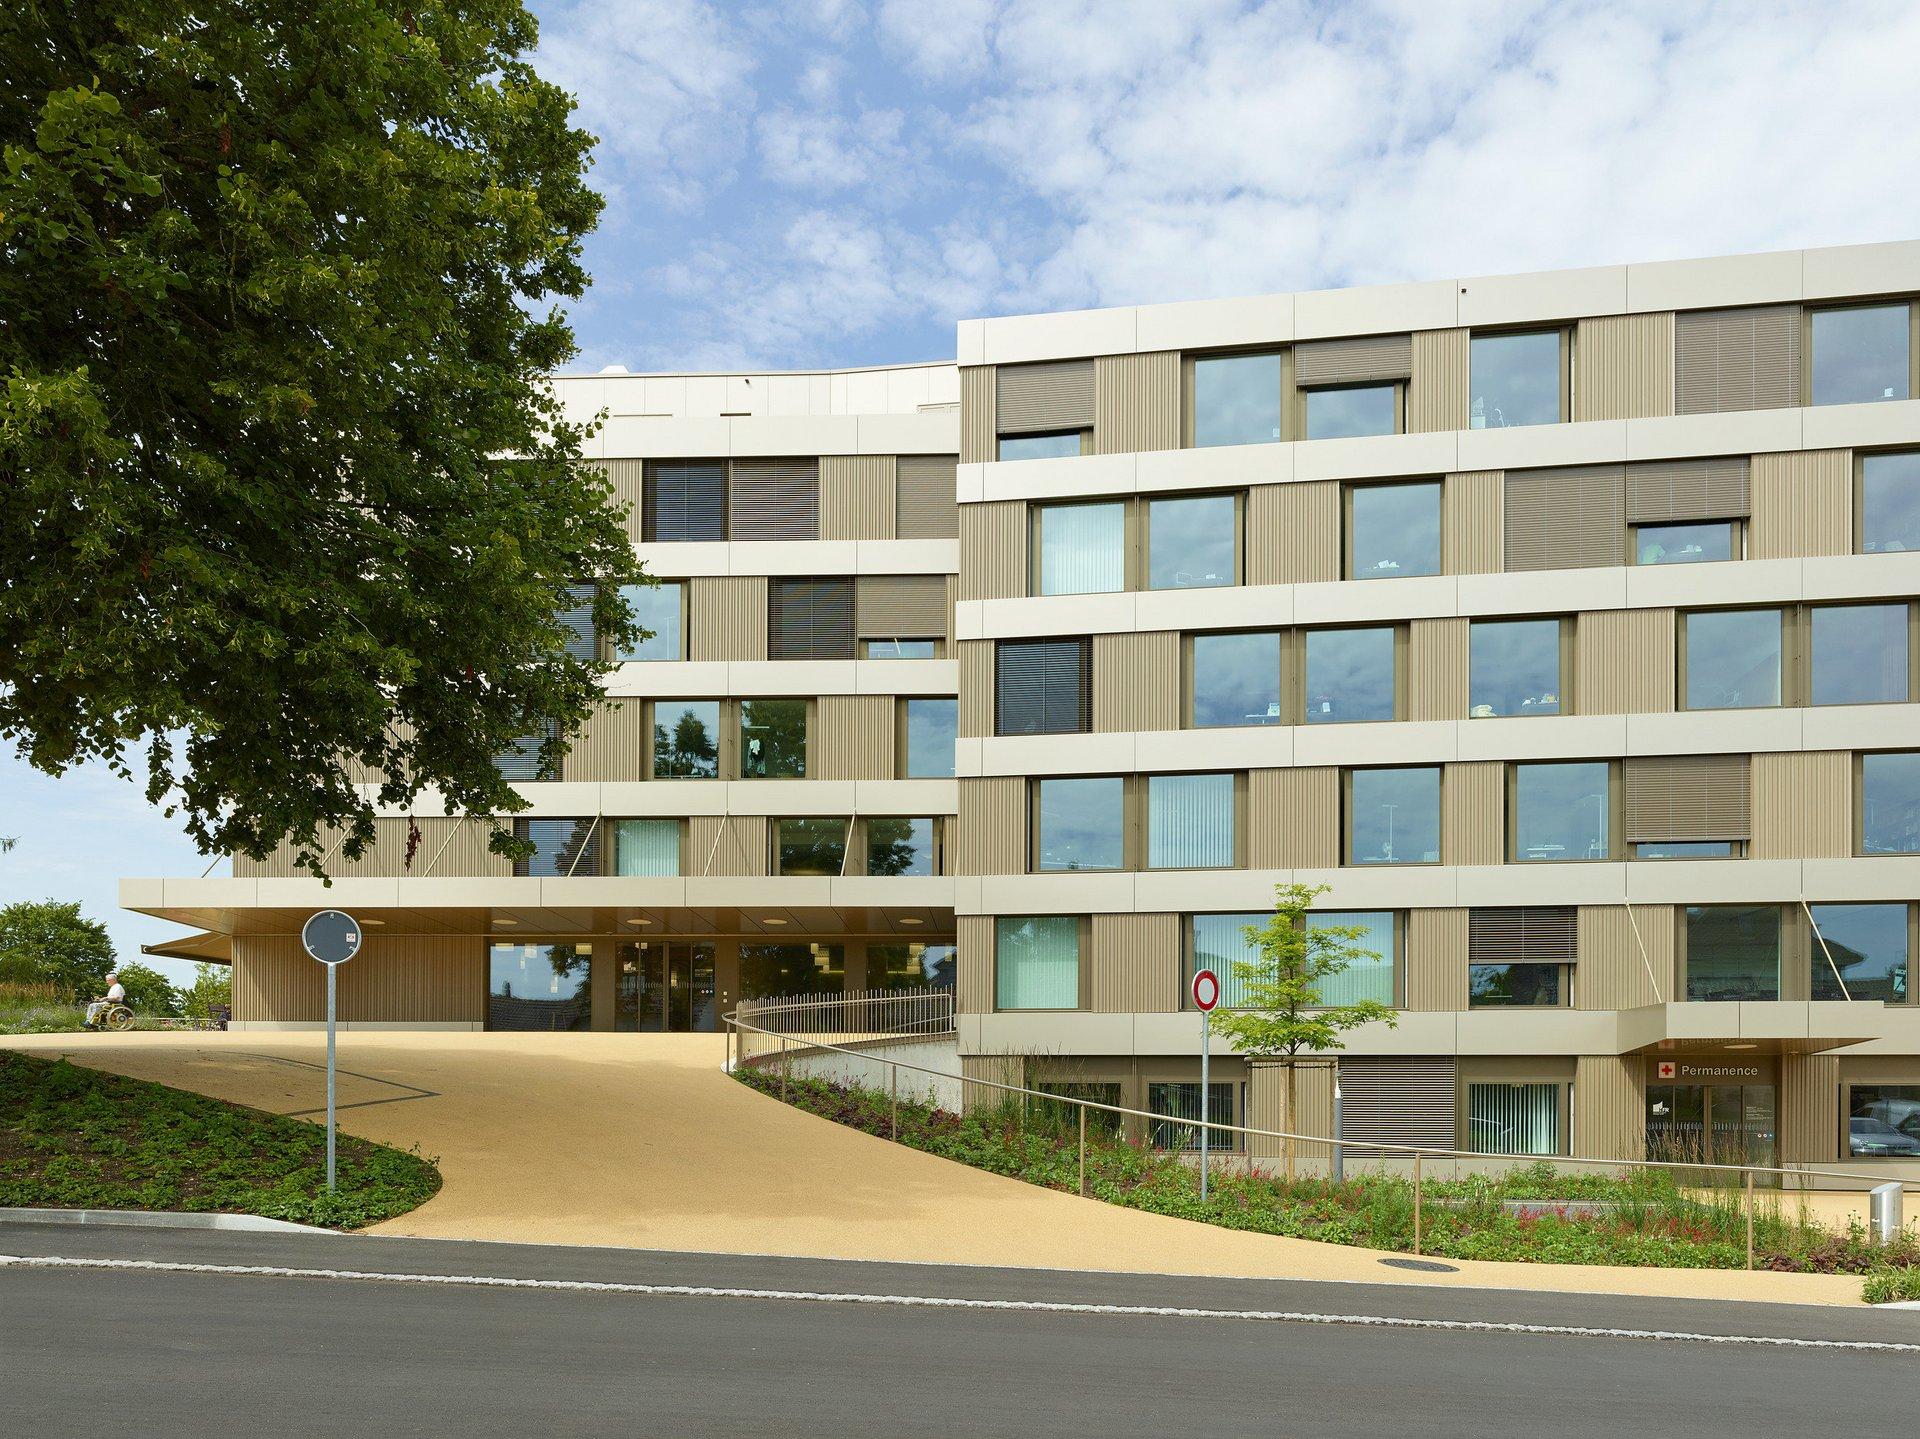 Spital mit abwechselnder Fensteranordnung - 1 oder 2 nebeneinander